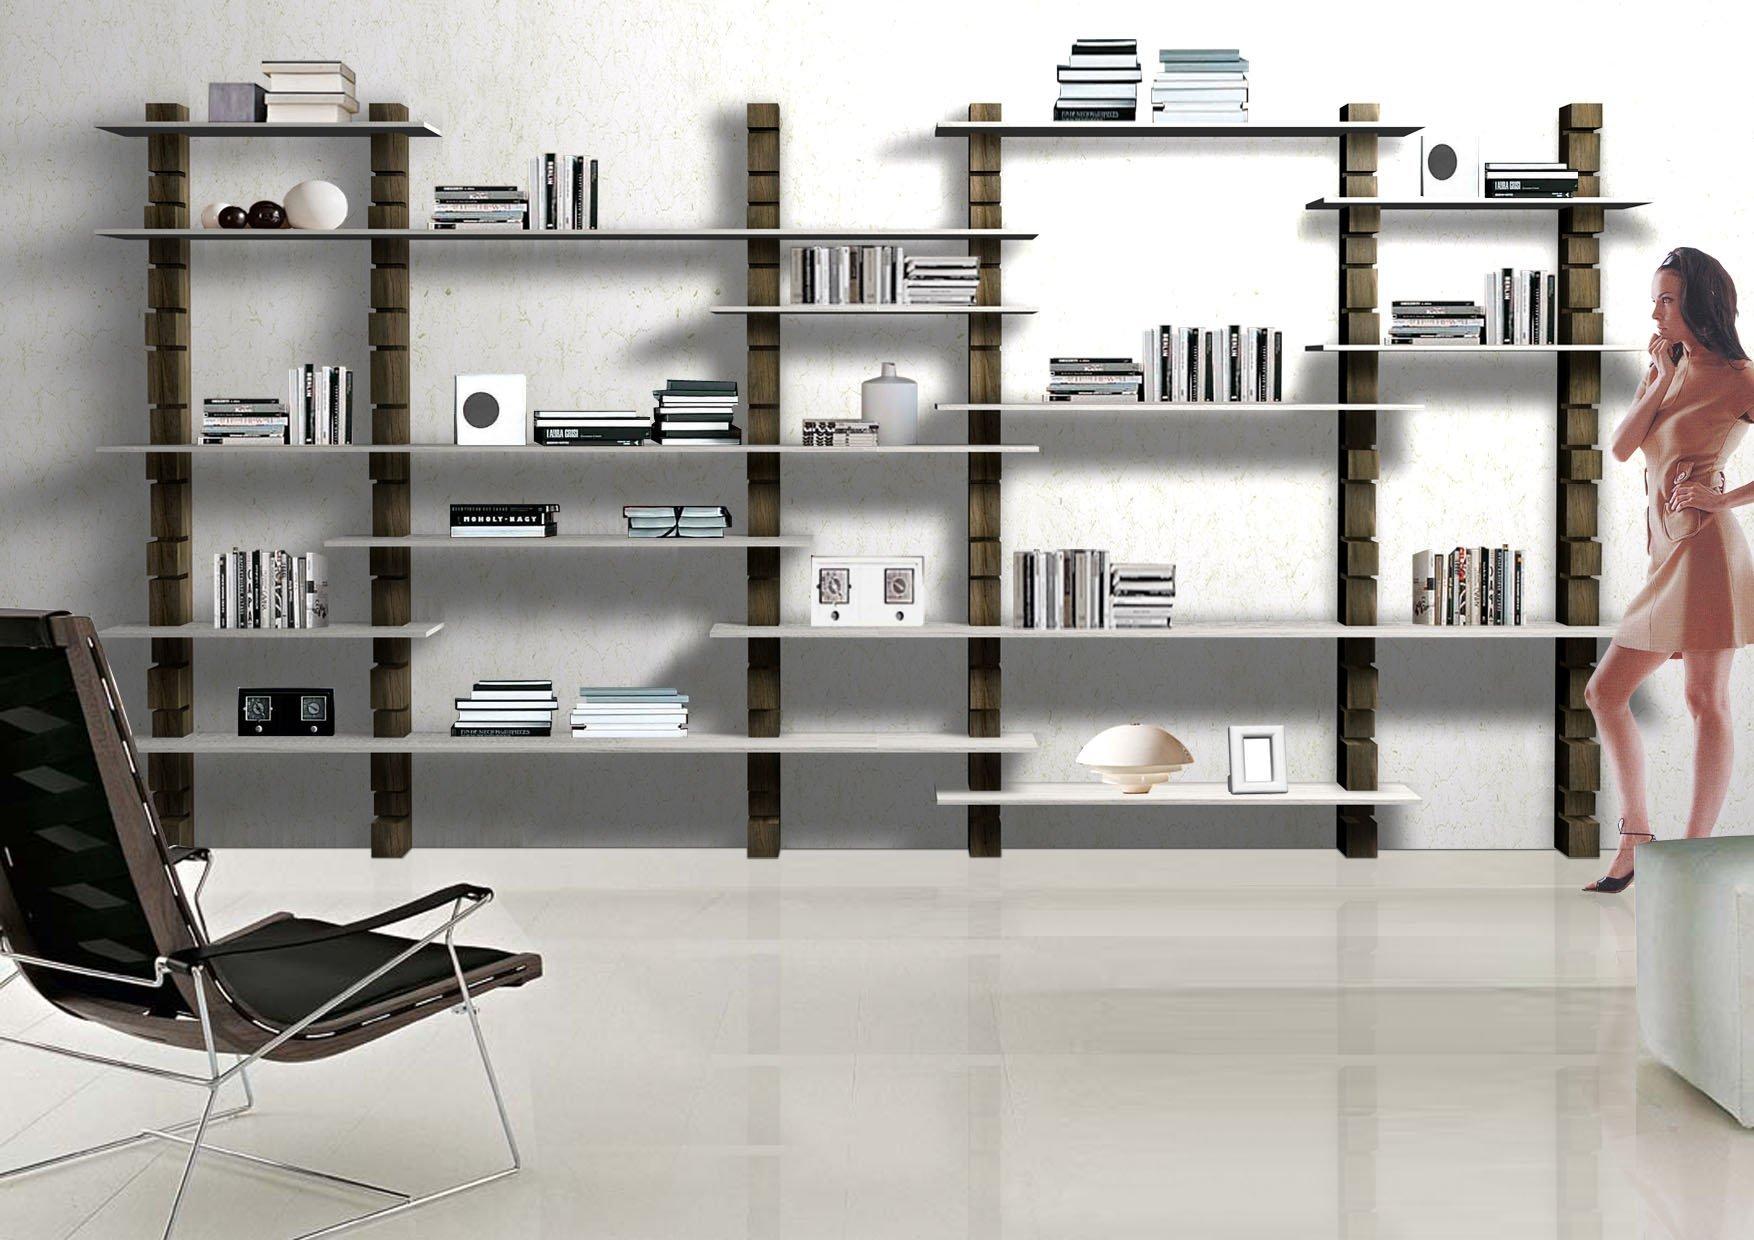 Libreria shark vigan villadisesto - Morelato mobili ...